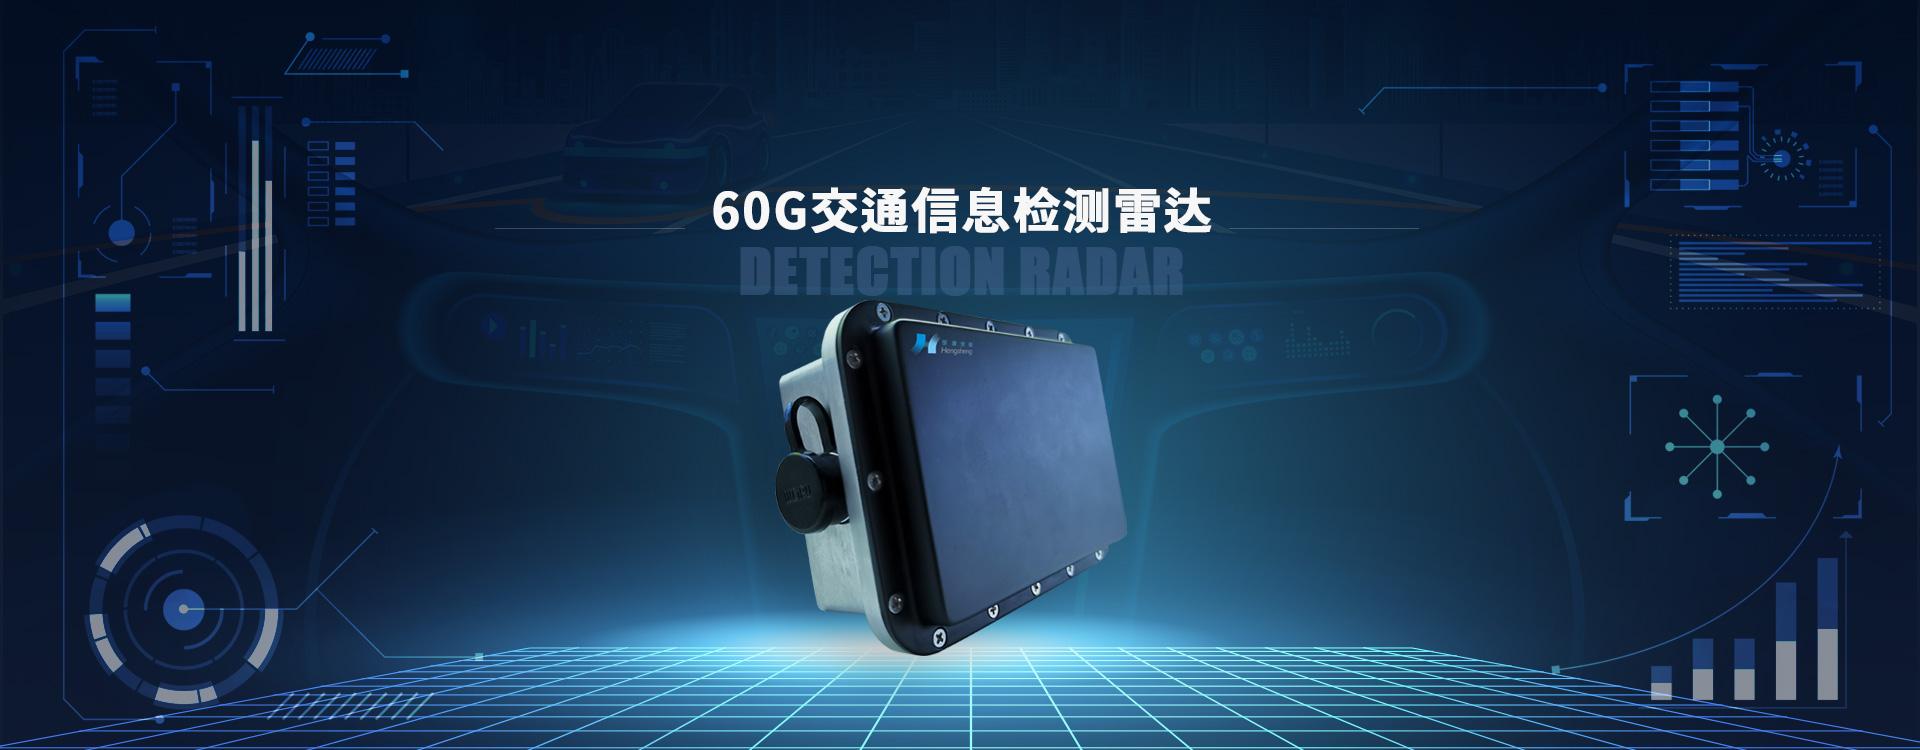 60G交通信息检测雷达